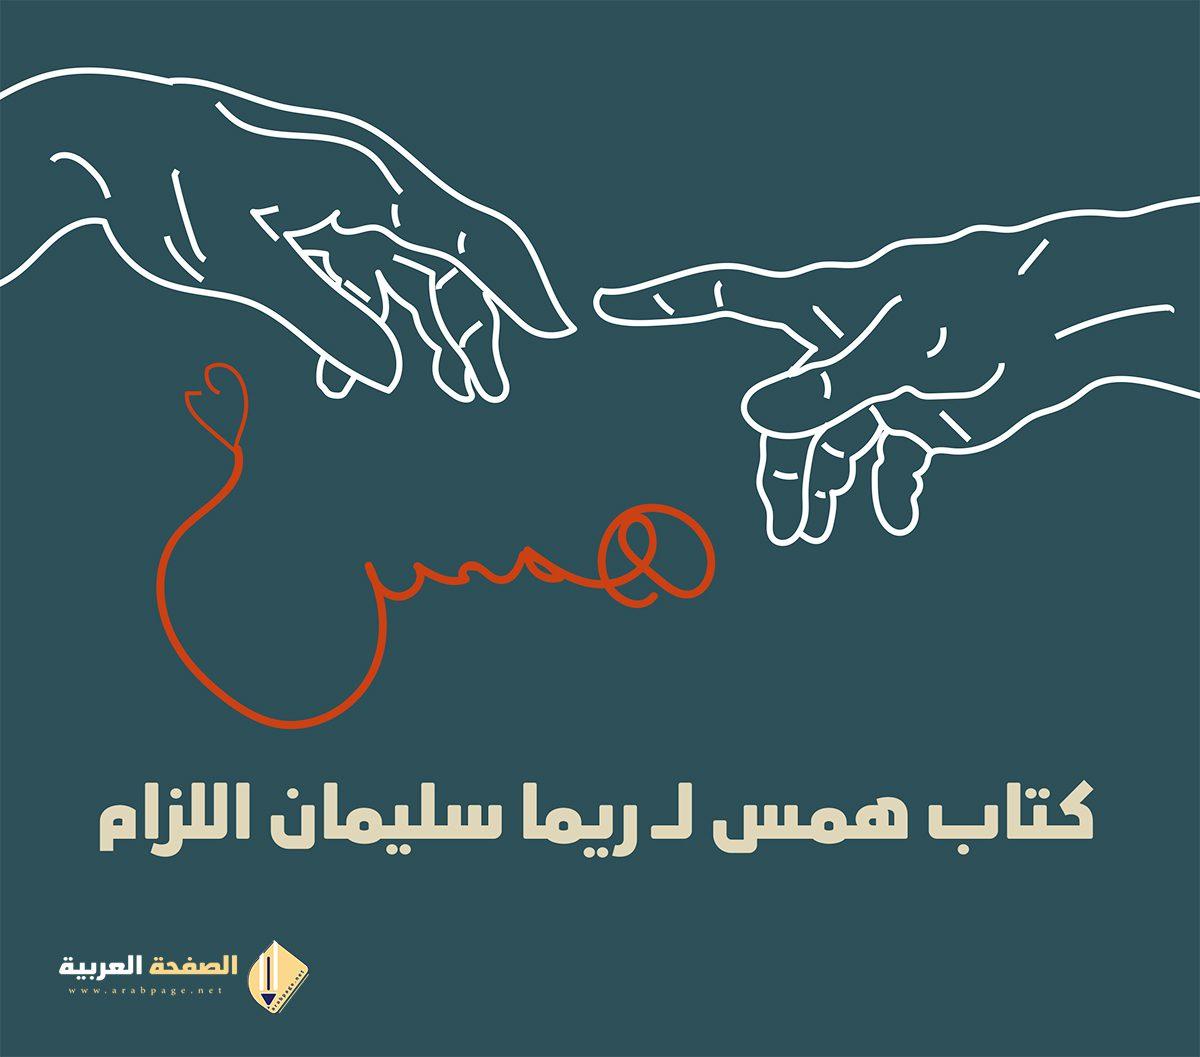 تحميل كتاب همس pdf لـ ريما سليمان اللزام من هي ريما صاحبة رواية همس